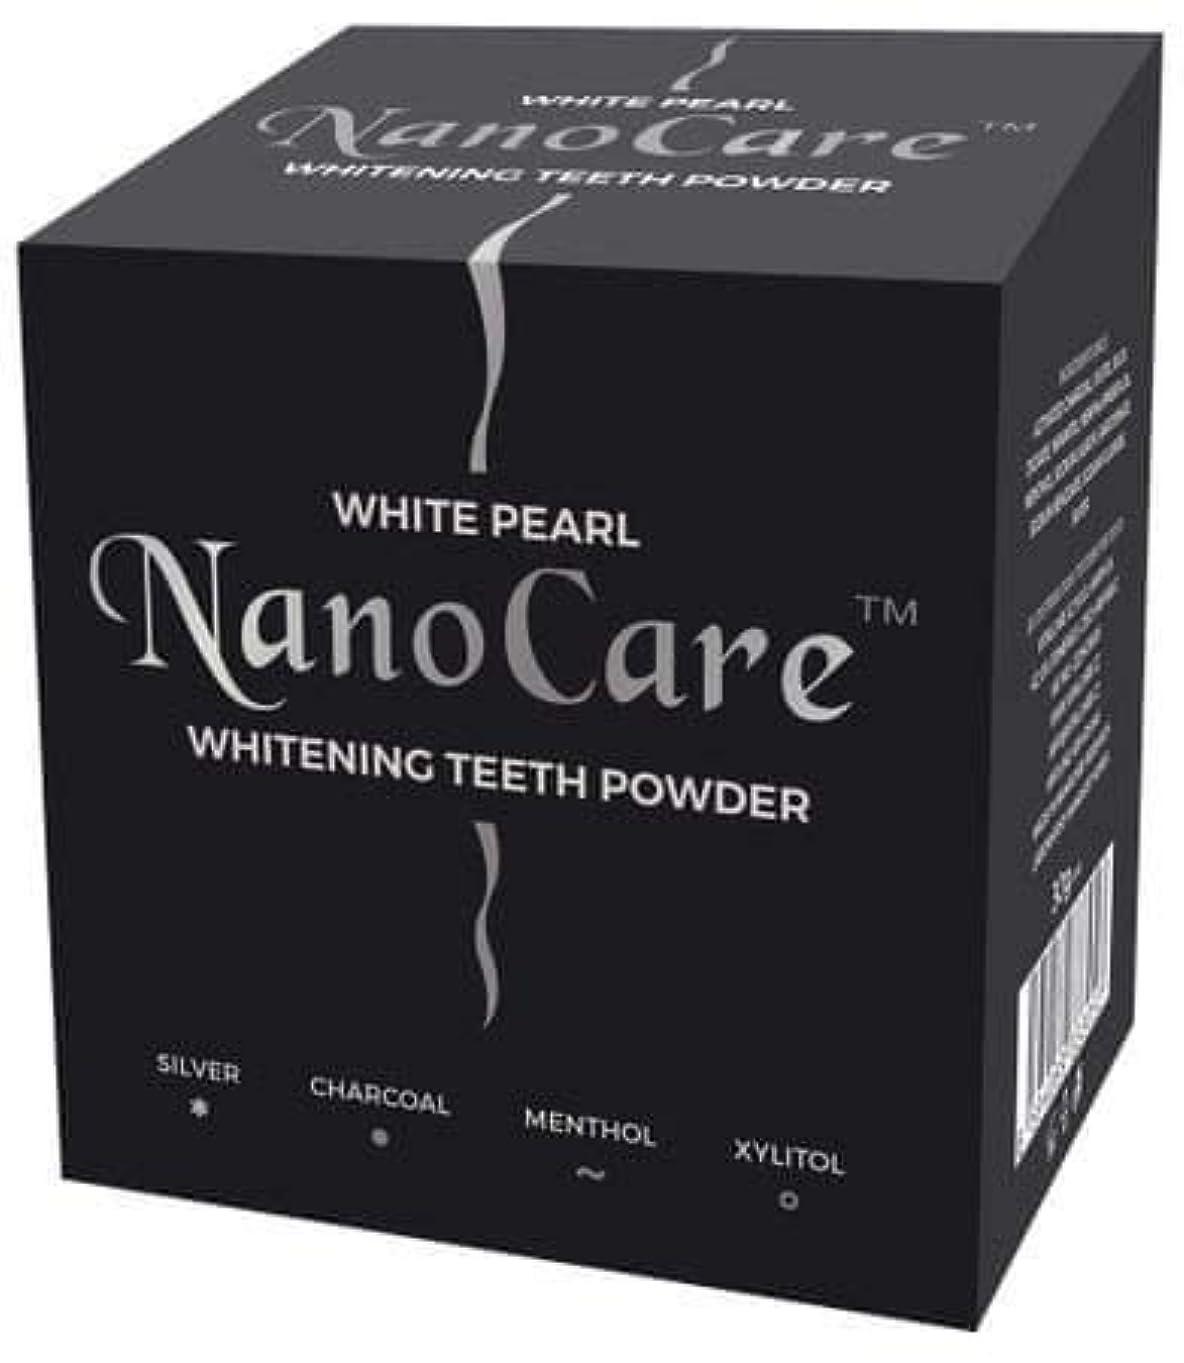 マウスピース便利さレポートを書くNano Care Whitening Powder with Active Charcoal and Silver nanoparticles 30g Made in Korea / 活性炭と銀ナノ粒子30gのナノケアホワイトニングパウダー韓国製